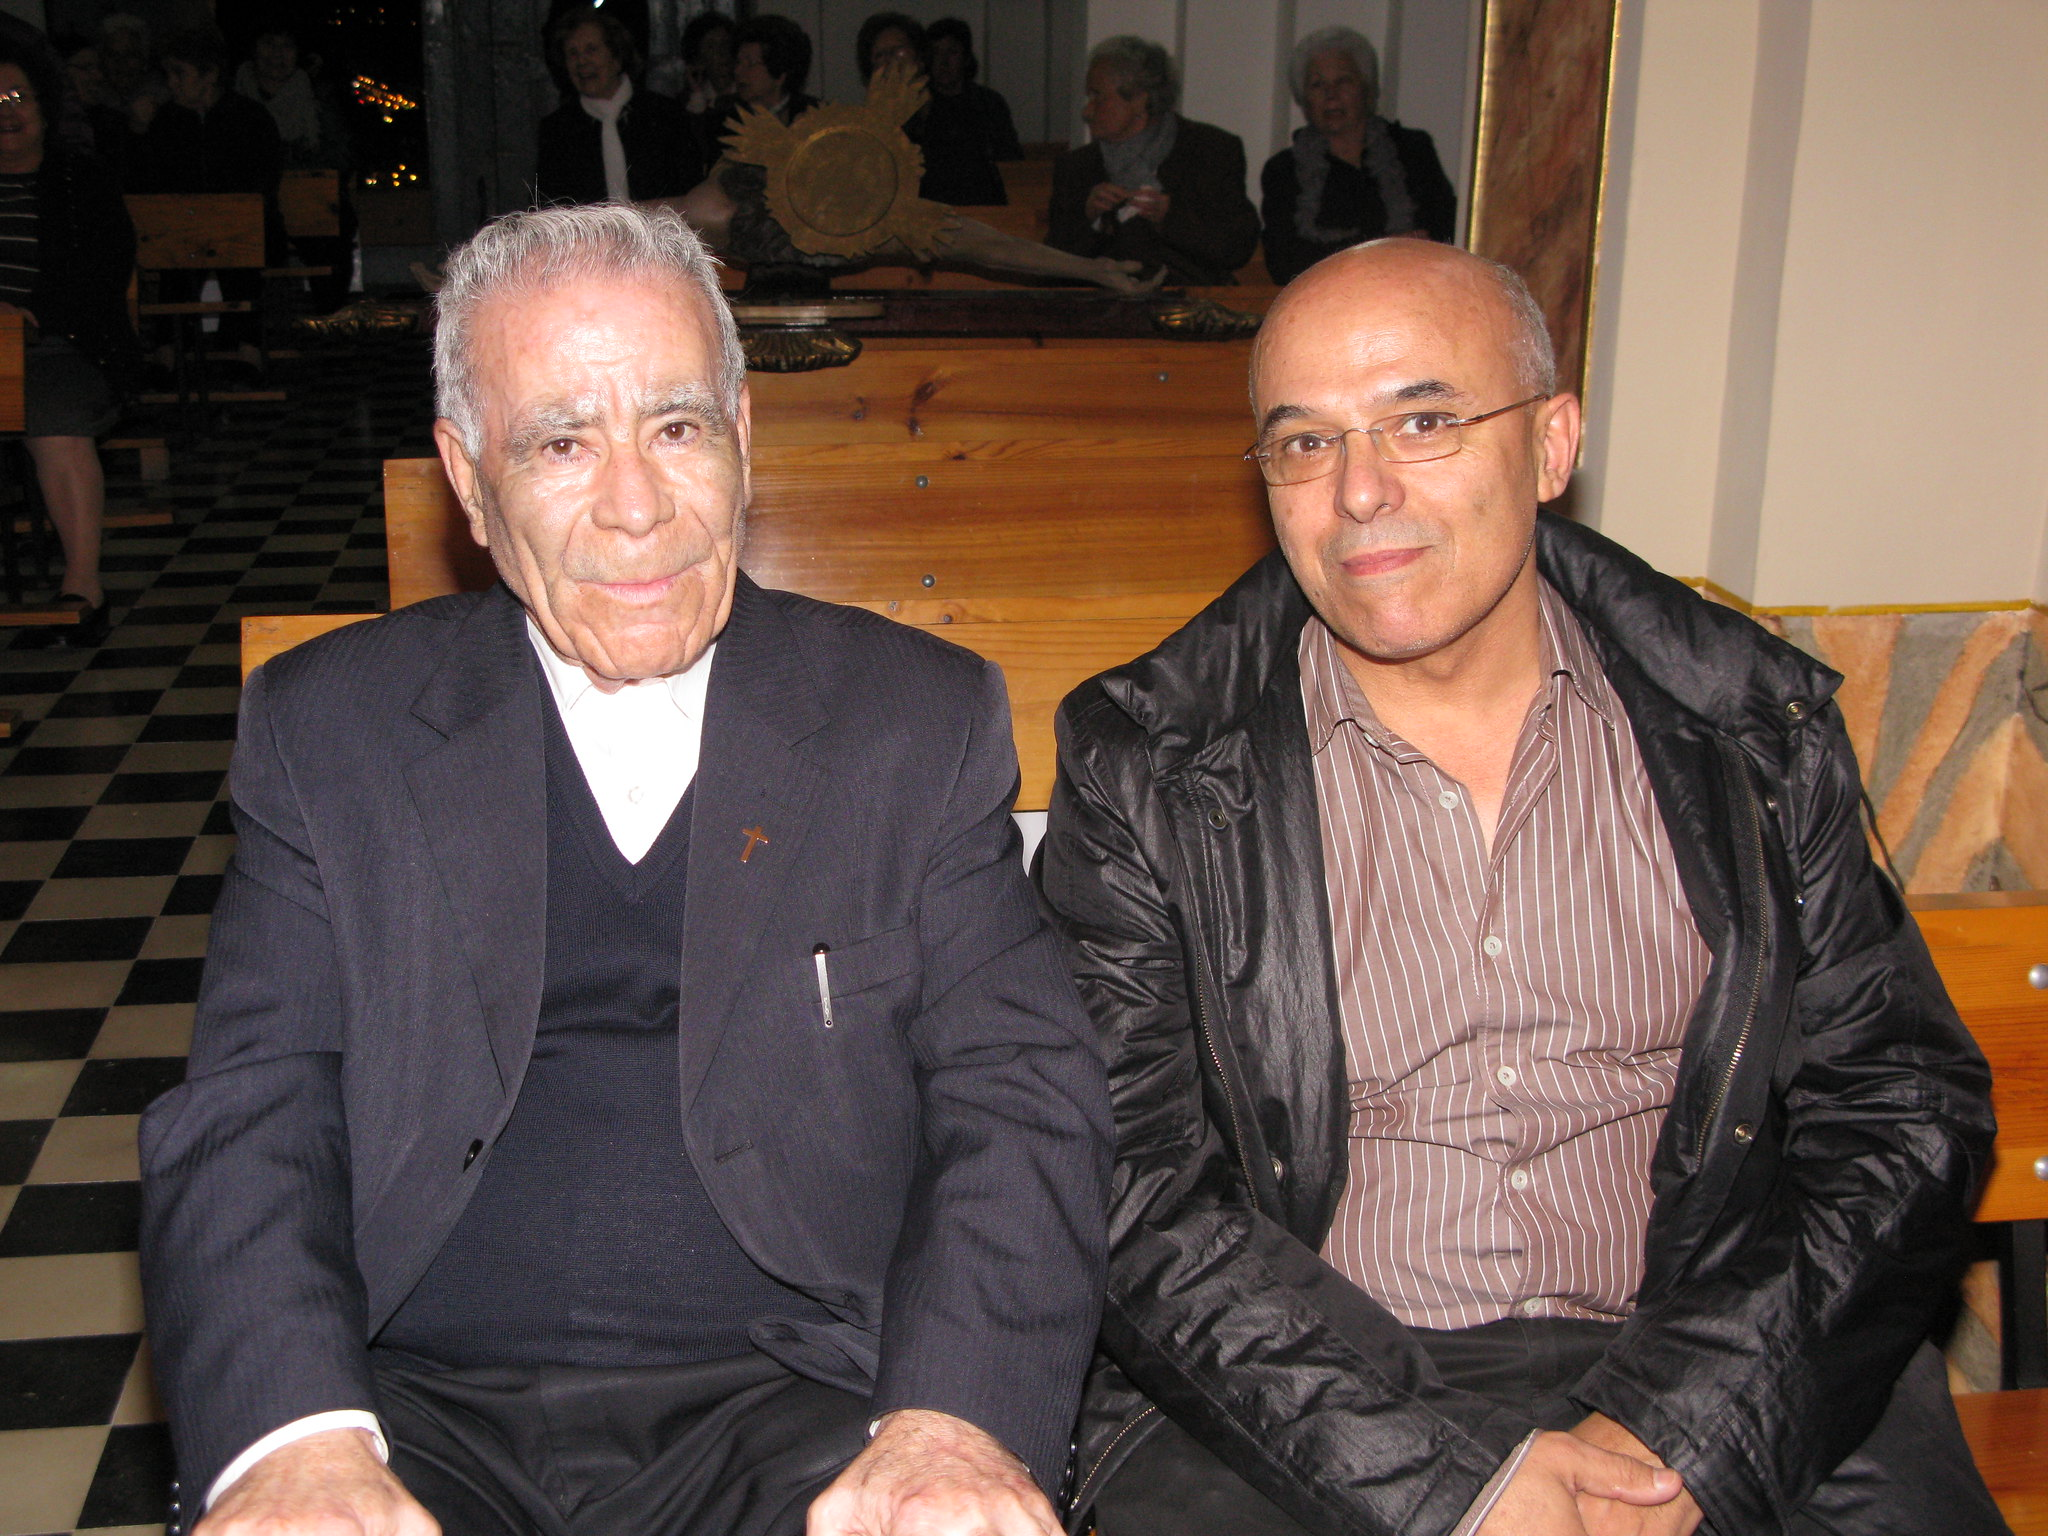 (2011-04-15) - II Vía Crucis nocturno -  Antonio Verdú Navarro (01)